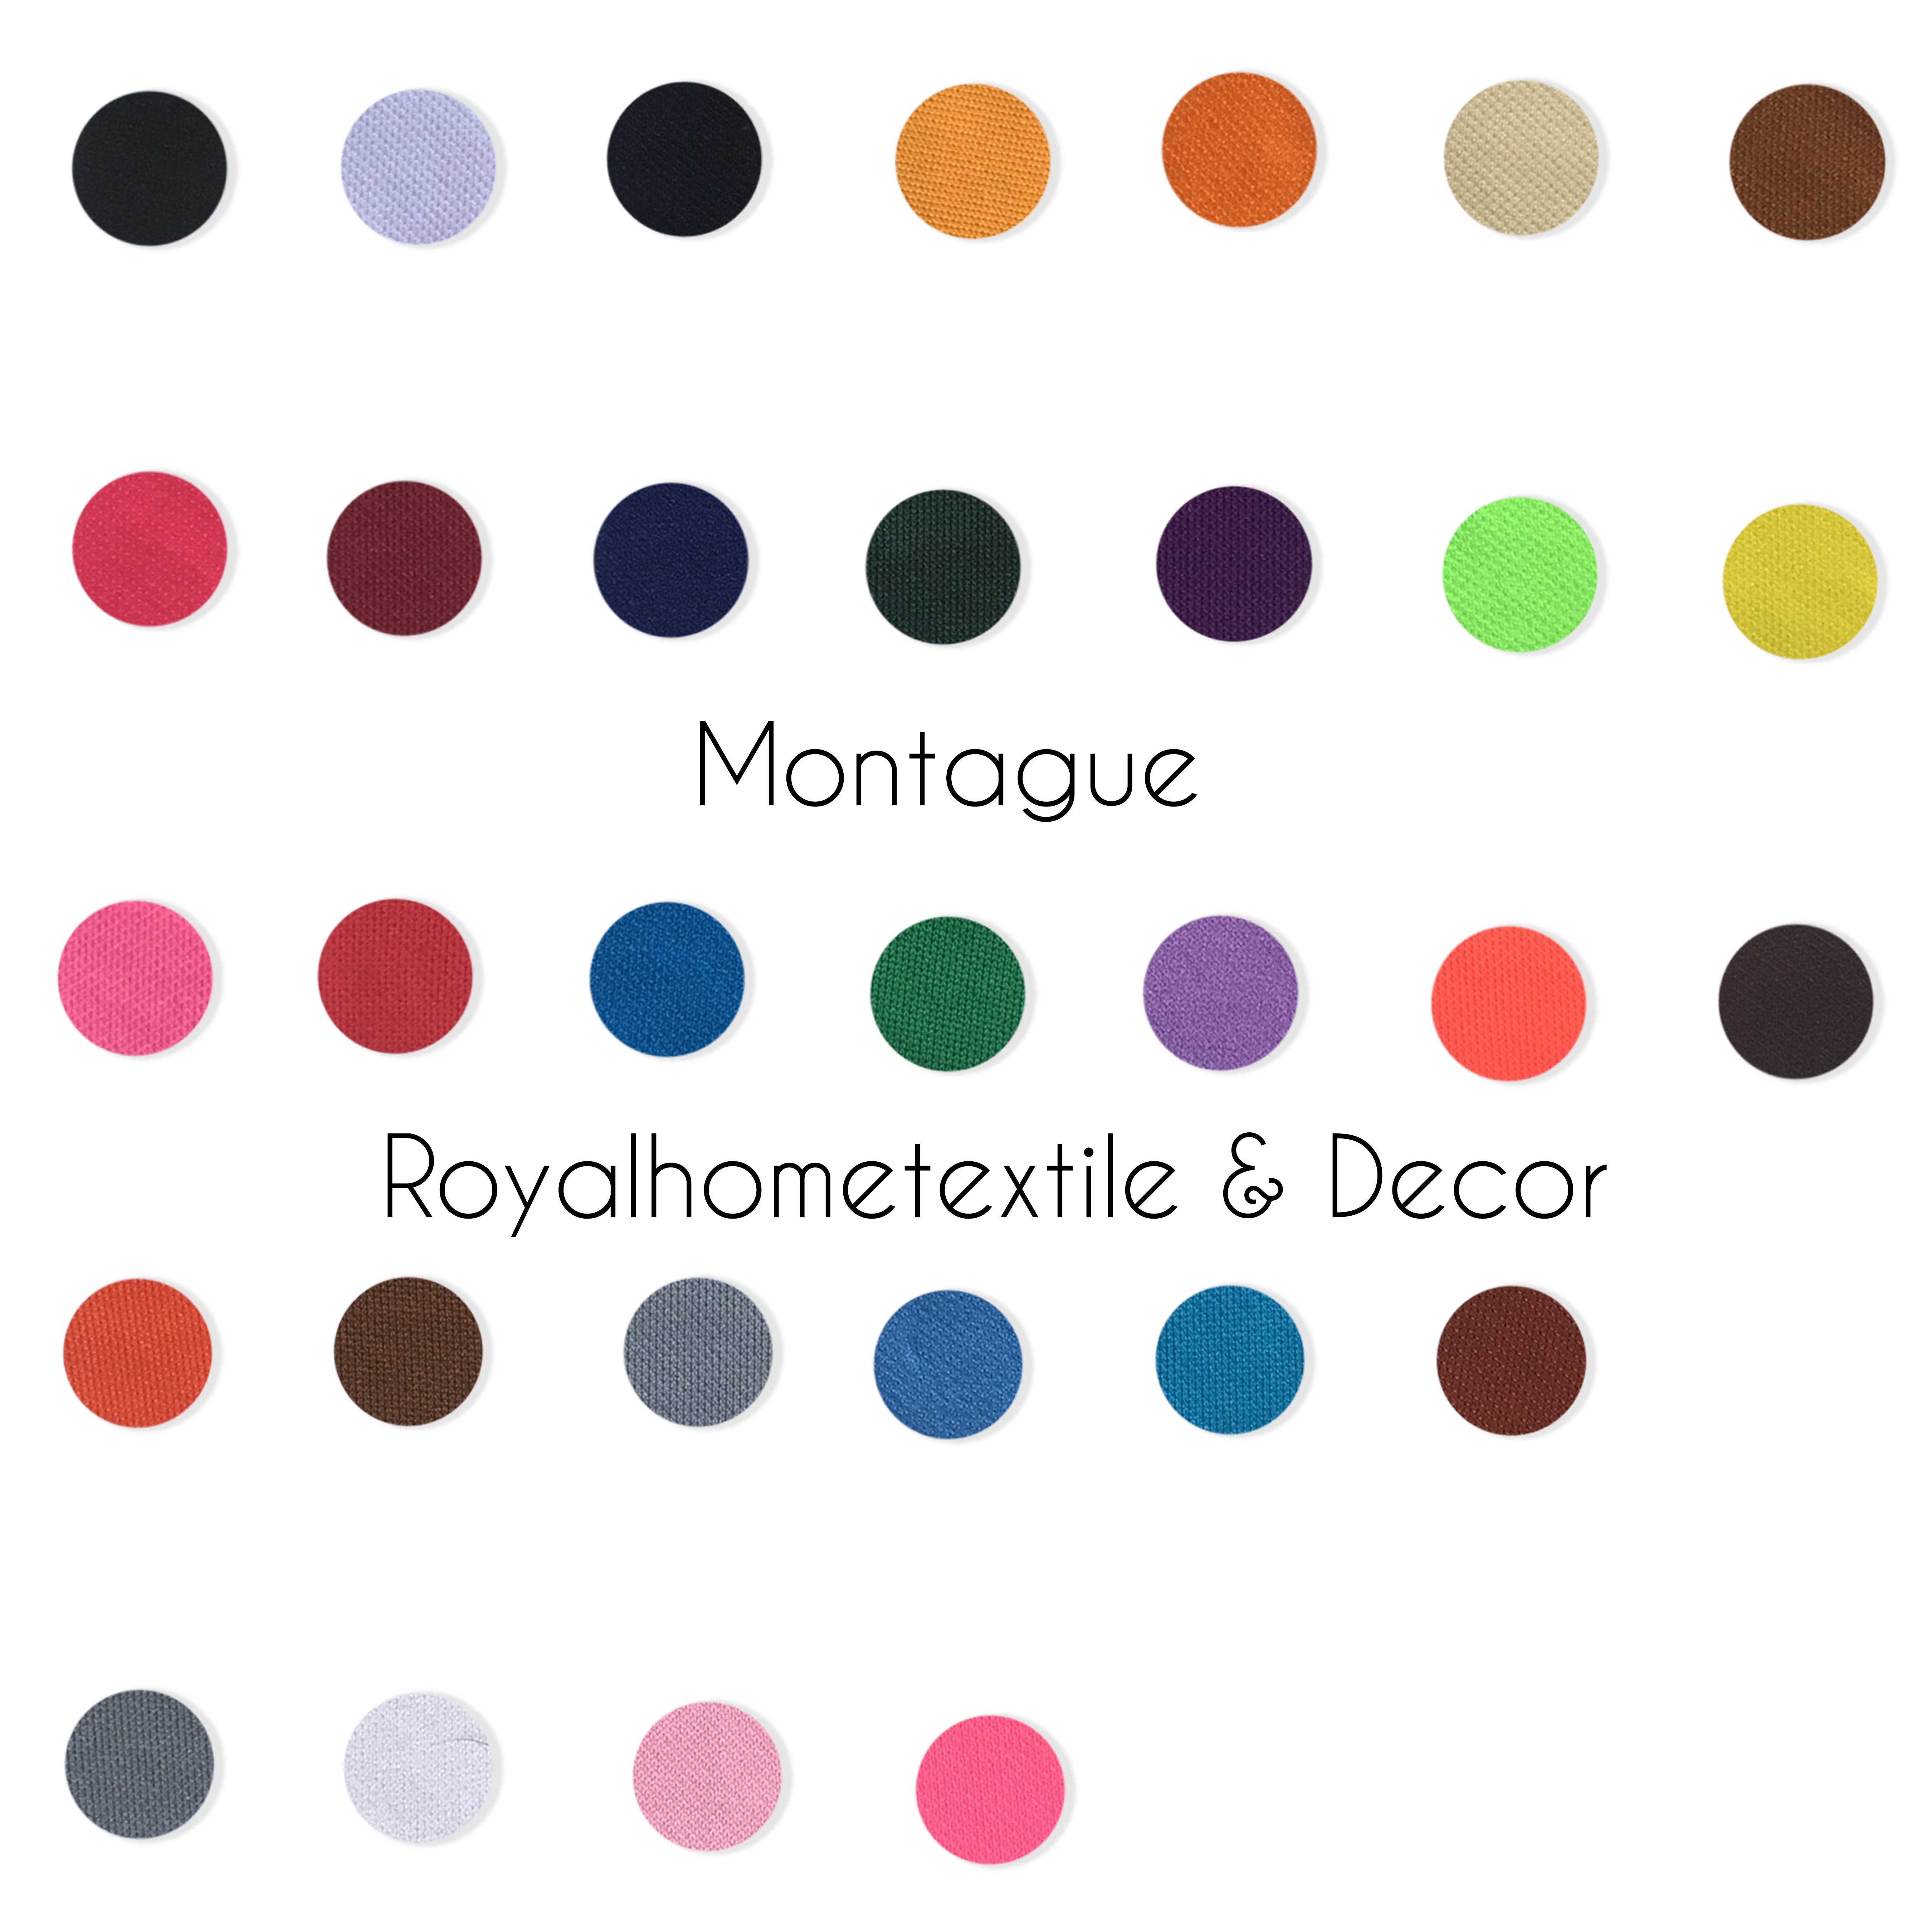 MONTAGUE/ผ้ามองตากูร์